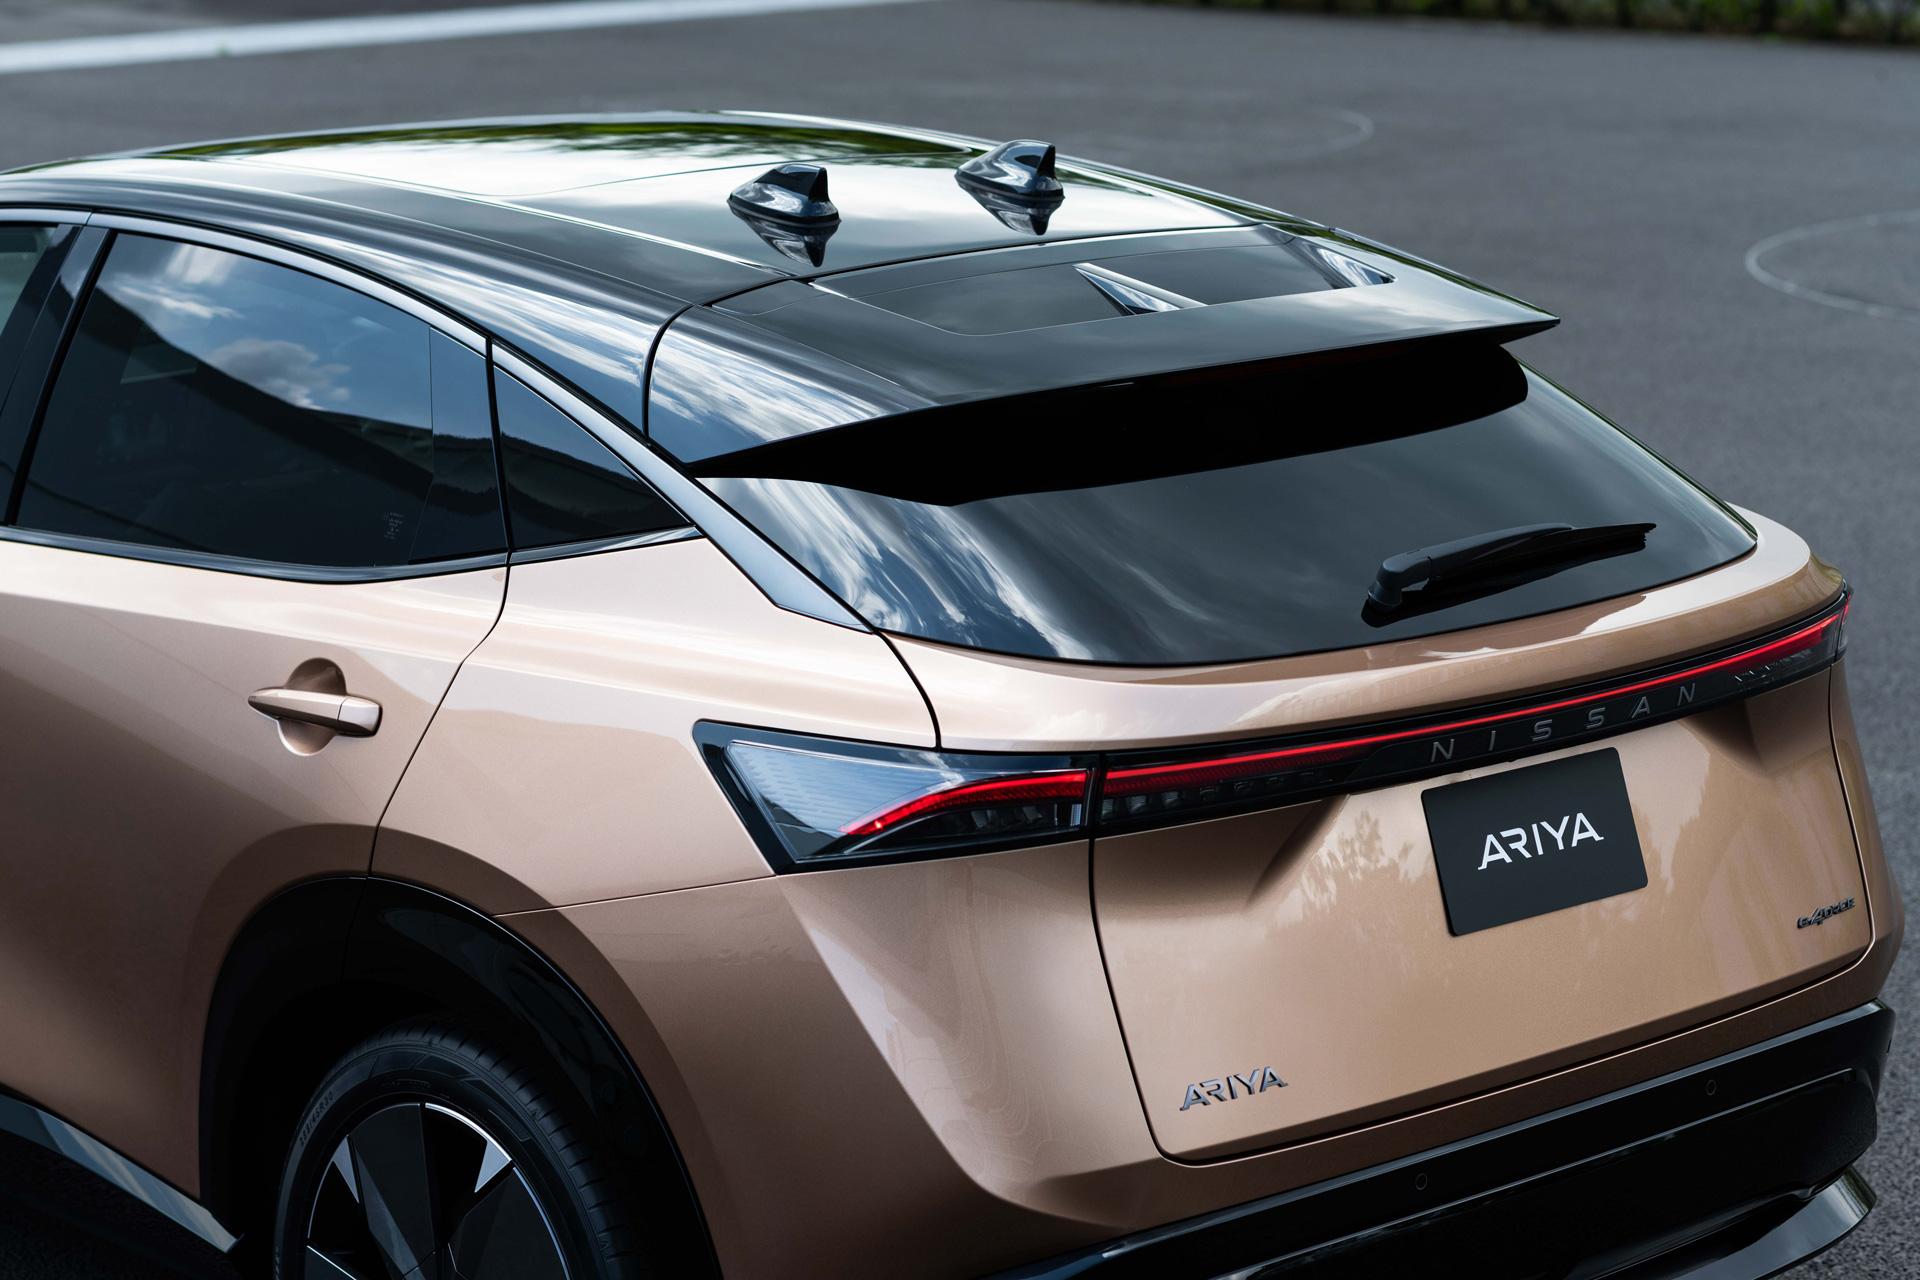 Taget på Nissan ARIYA